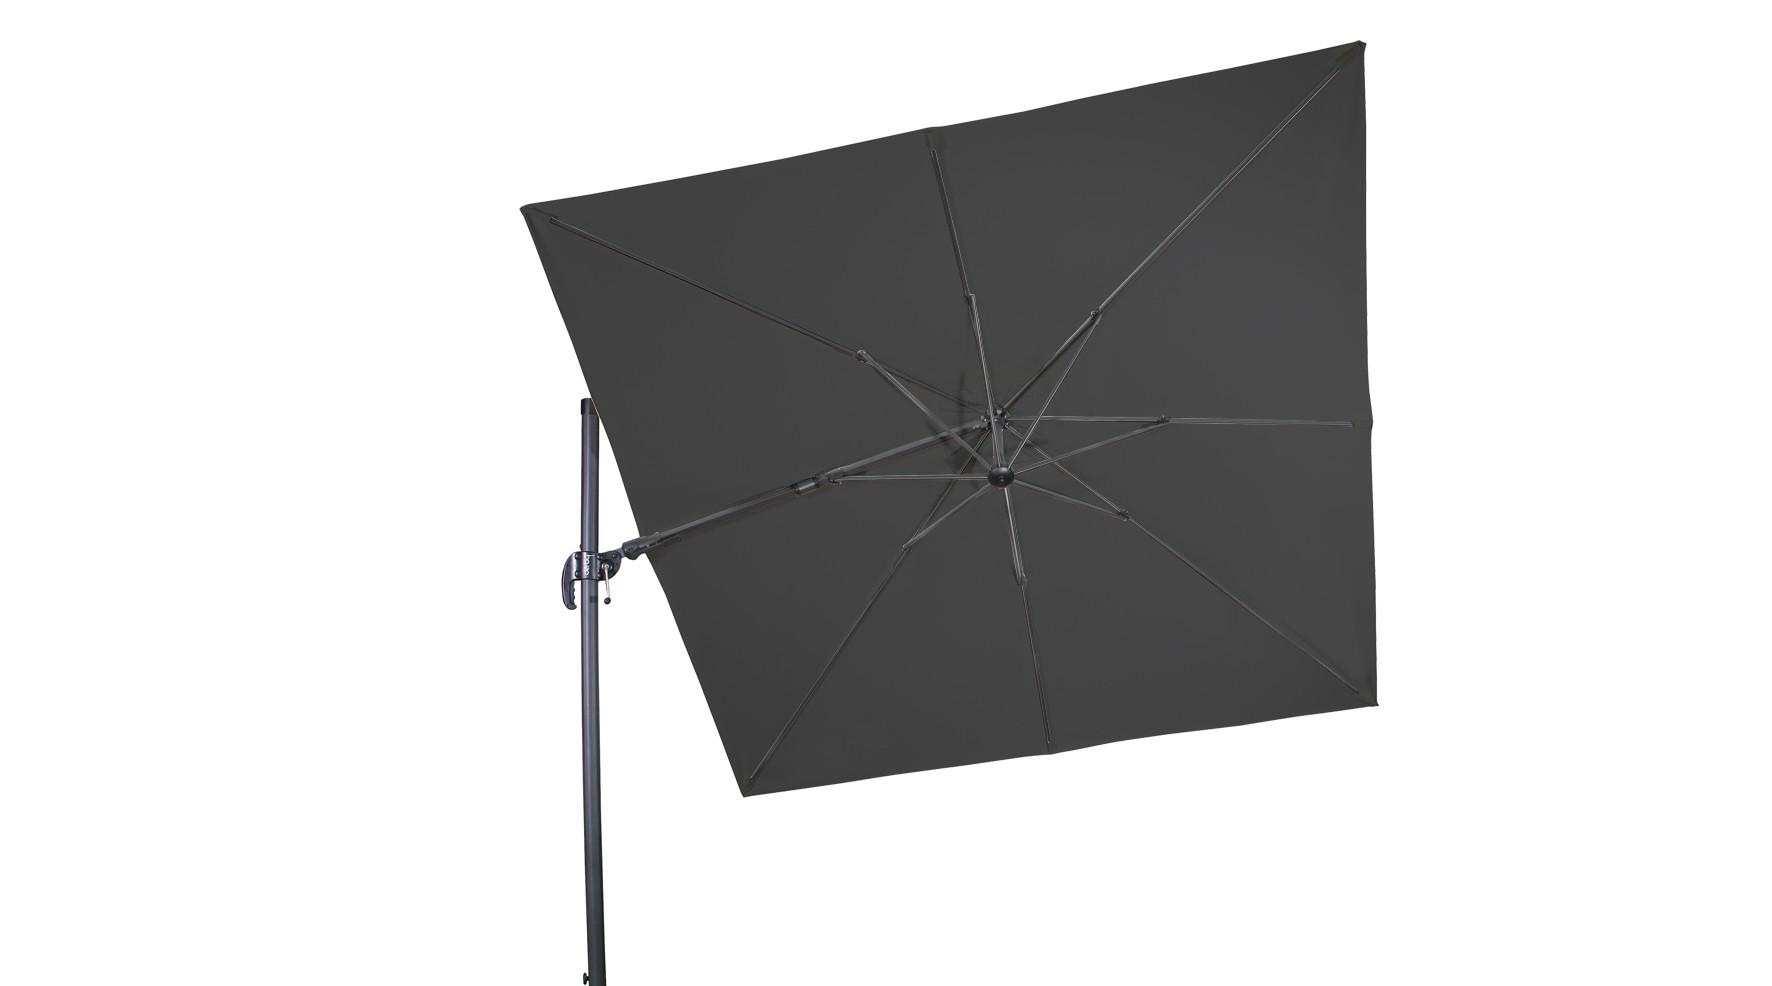 Derby Ampelschirm / Pendelschirm Ravenna AX 275x275cm D840 anthrazit Bild 1